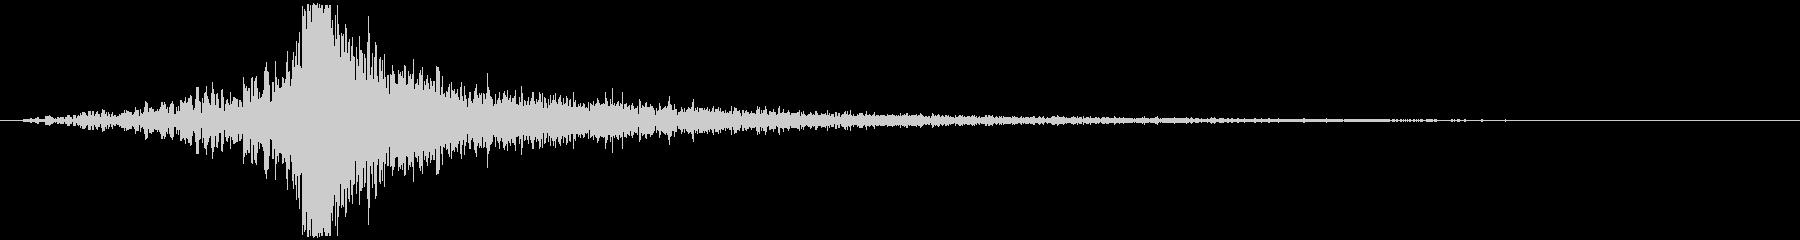 【インパクト】壮大なヒット音_02 の未再生の波形